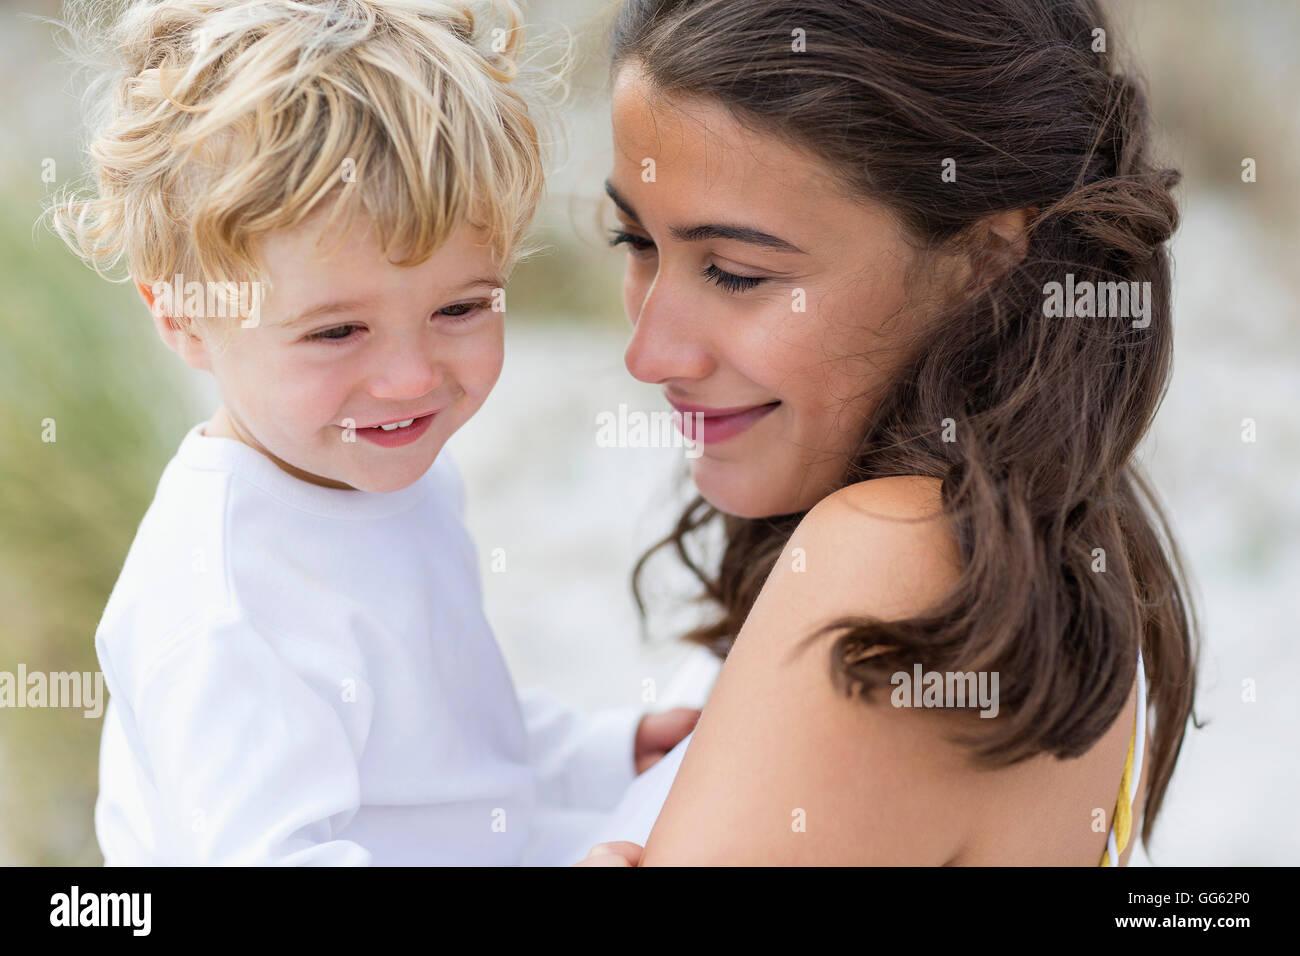 Nahaufnahme einer Frau mit ihrem Sohn zu lieben Stockbild